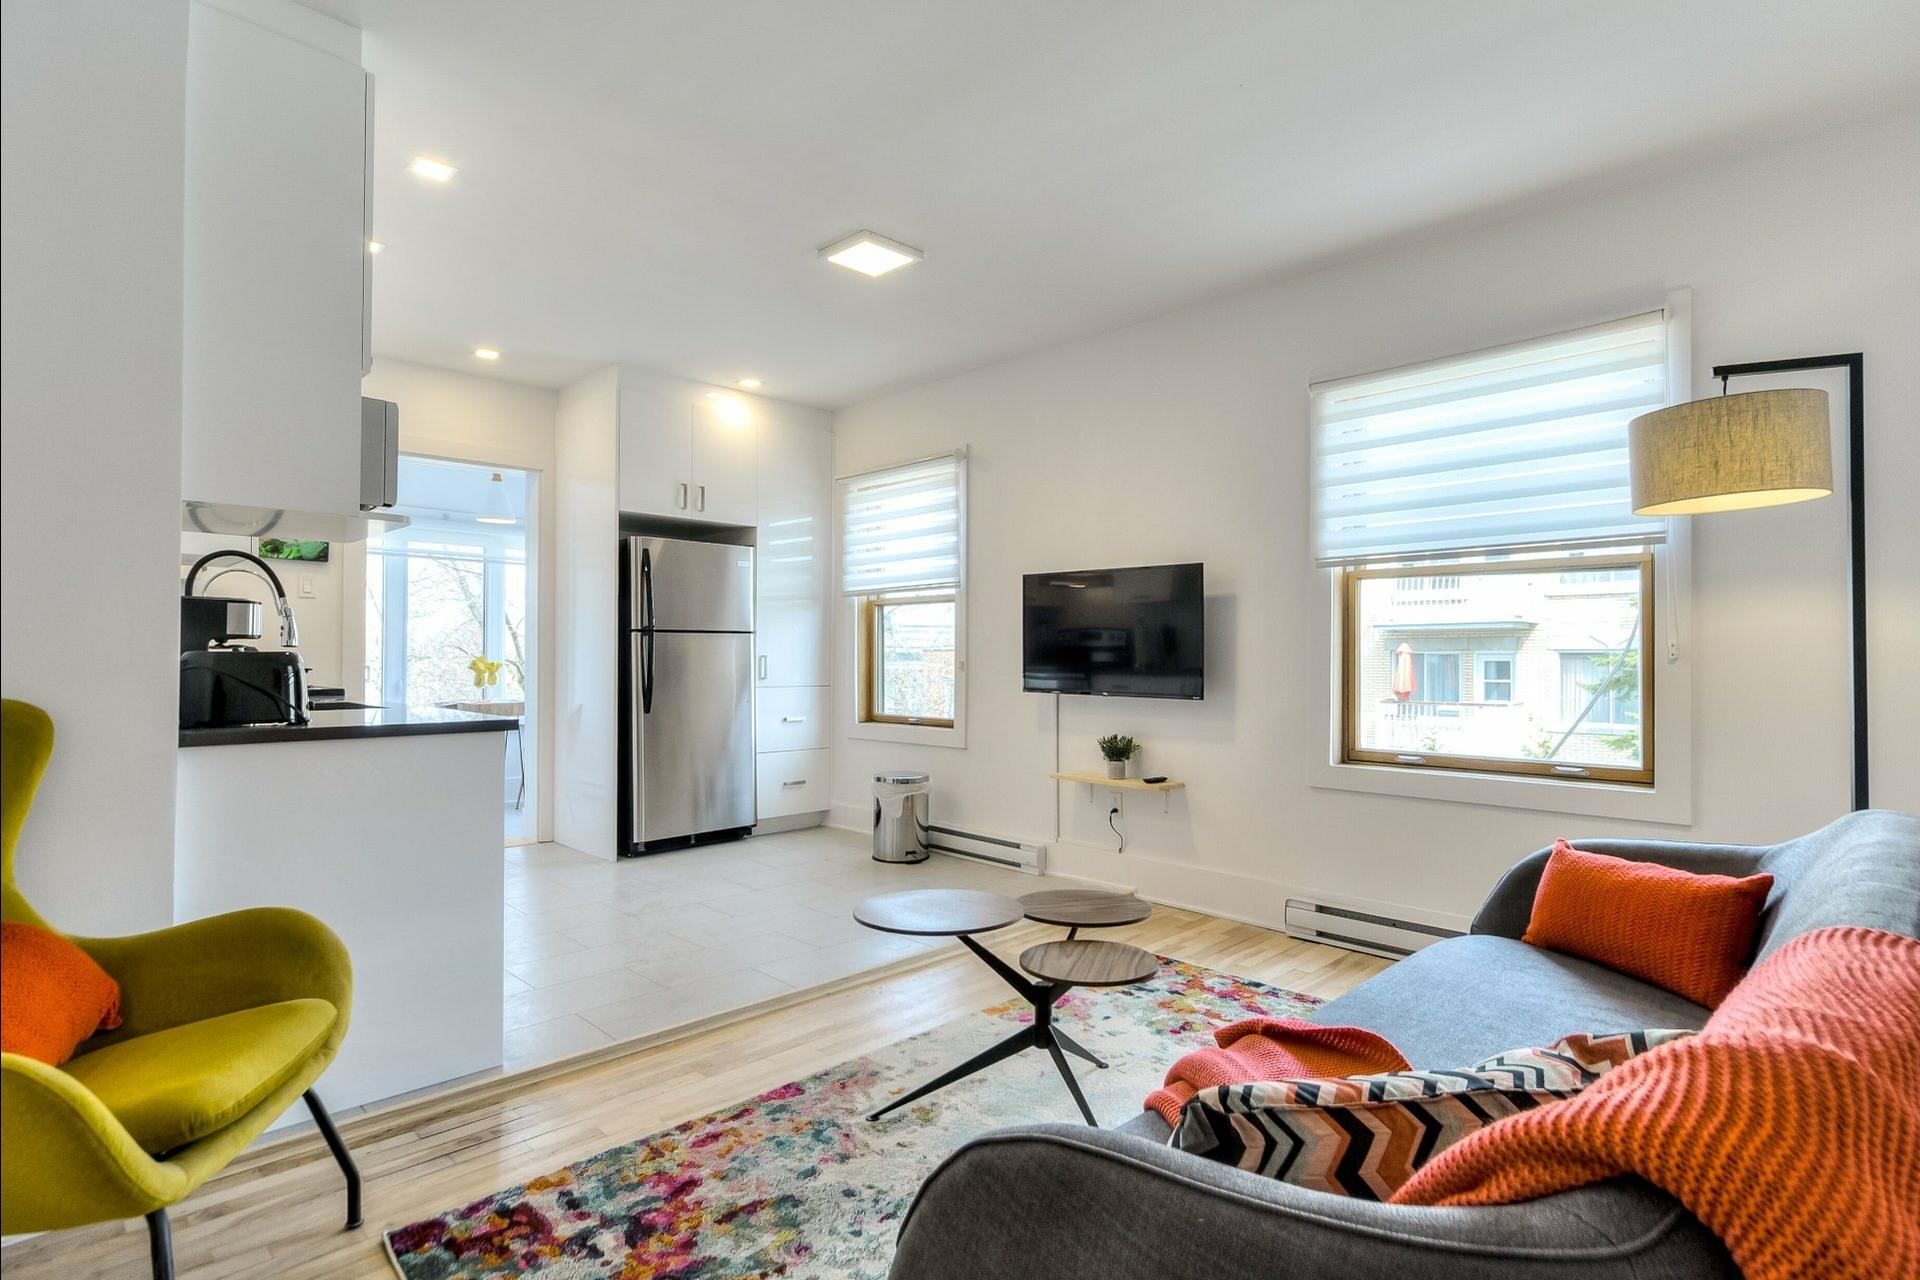 image 2 - Immeuble à revenus À vendre Montréal Villeray/Saint-Michel/Parc-Extension  - 3 pièces